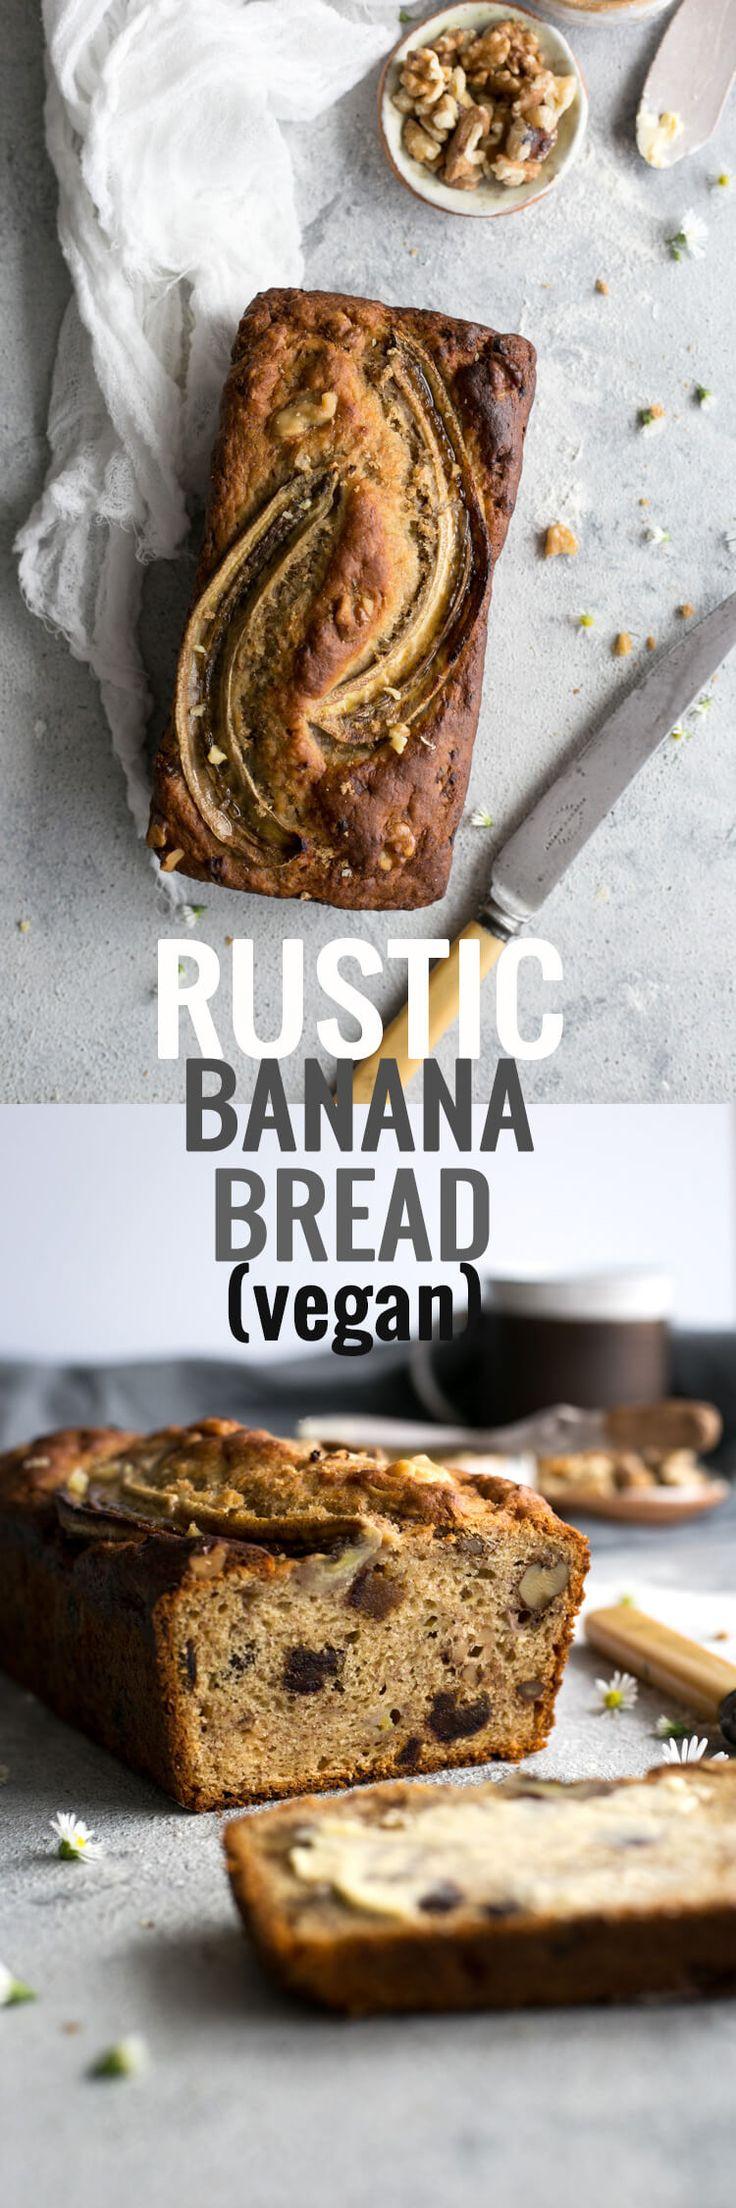 Köstliches, rustikales Bananen-Brot-Rezept, 100% Vegan!  Aufrechtzuerhalten  Über @ annabanana.co